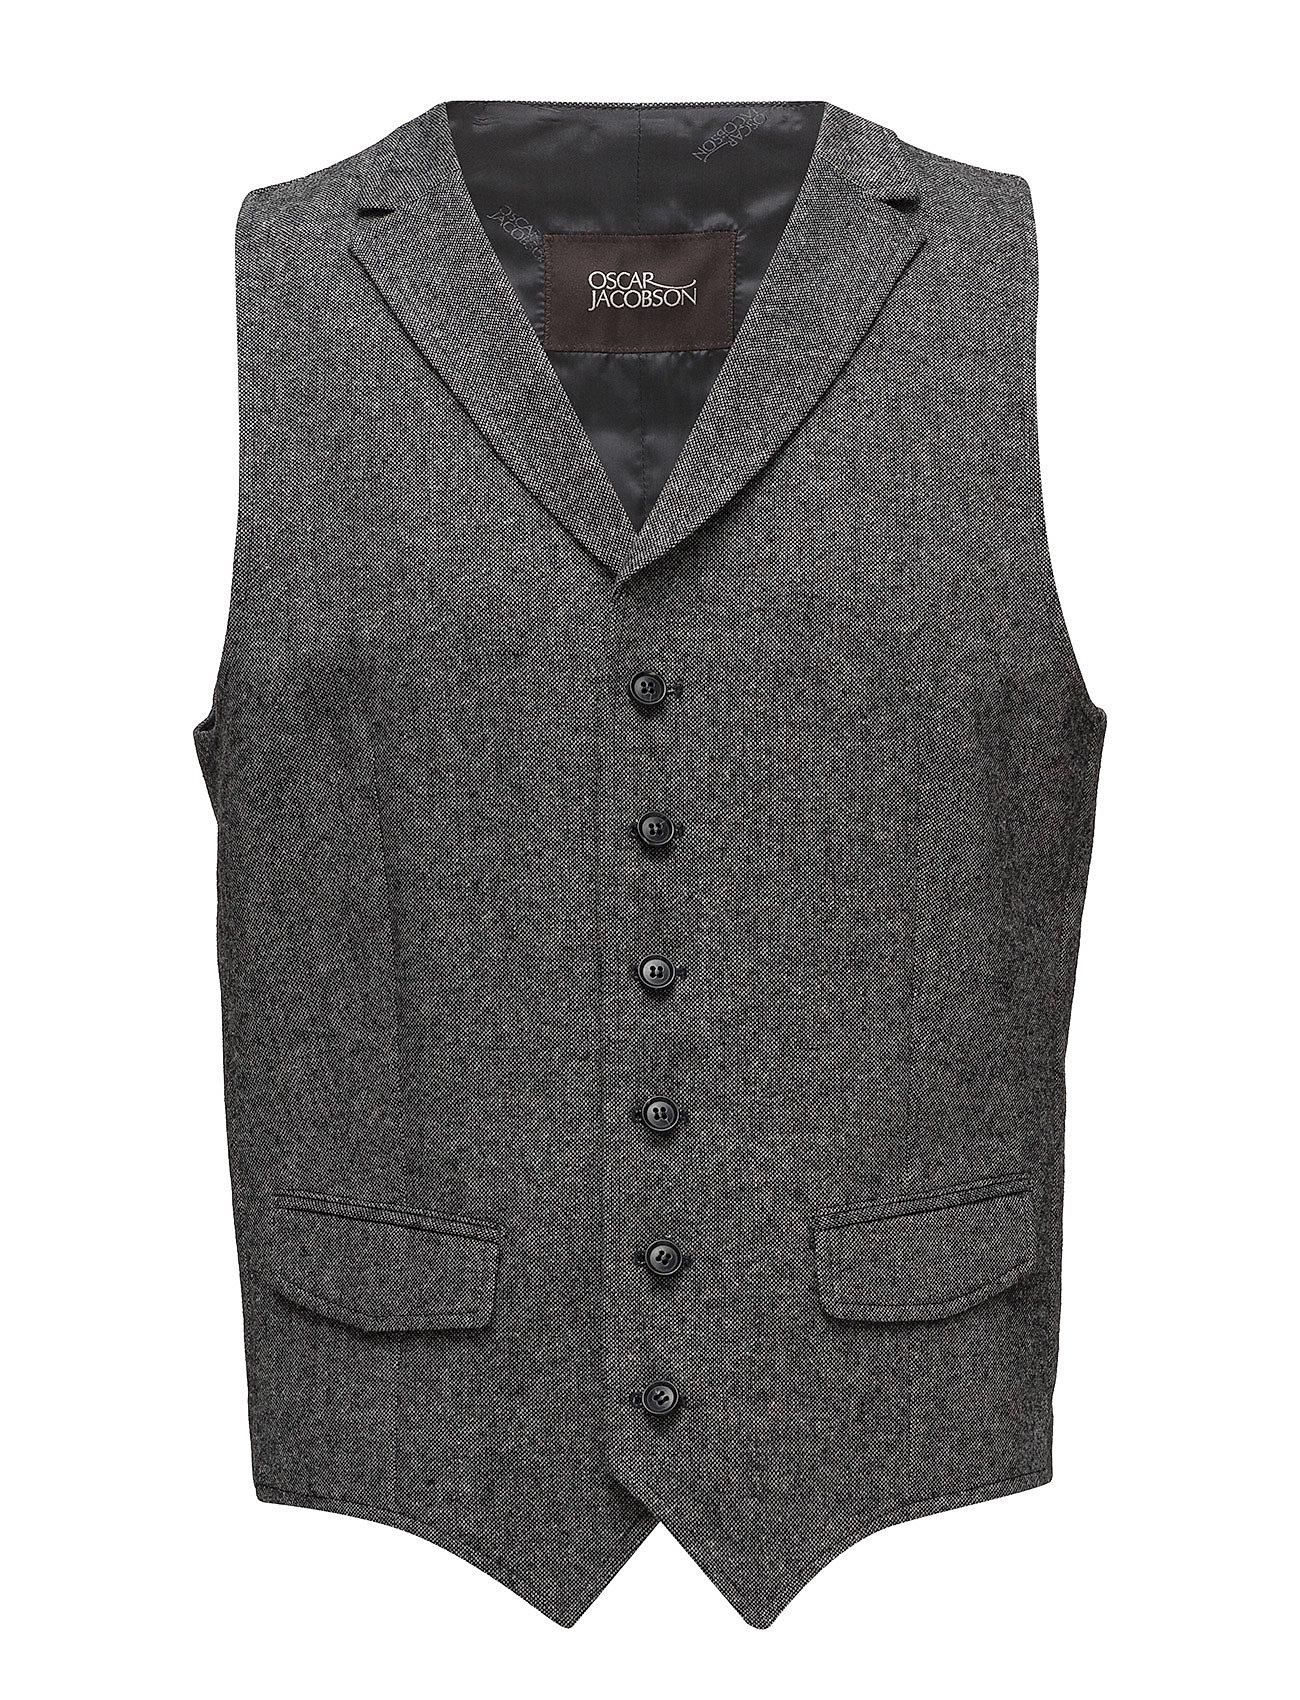 Oscar Jacobson City Waistcoat - 134 - GREY